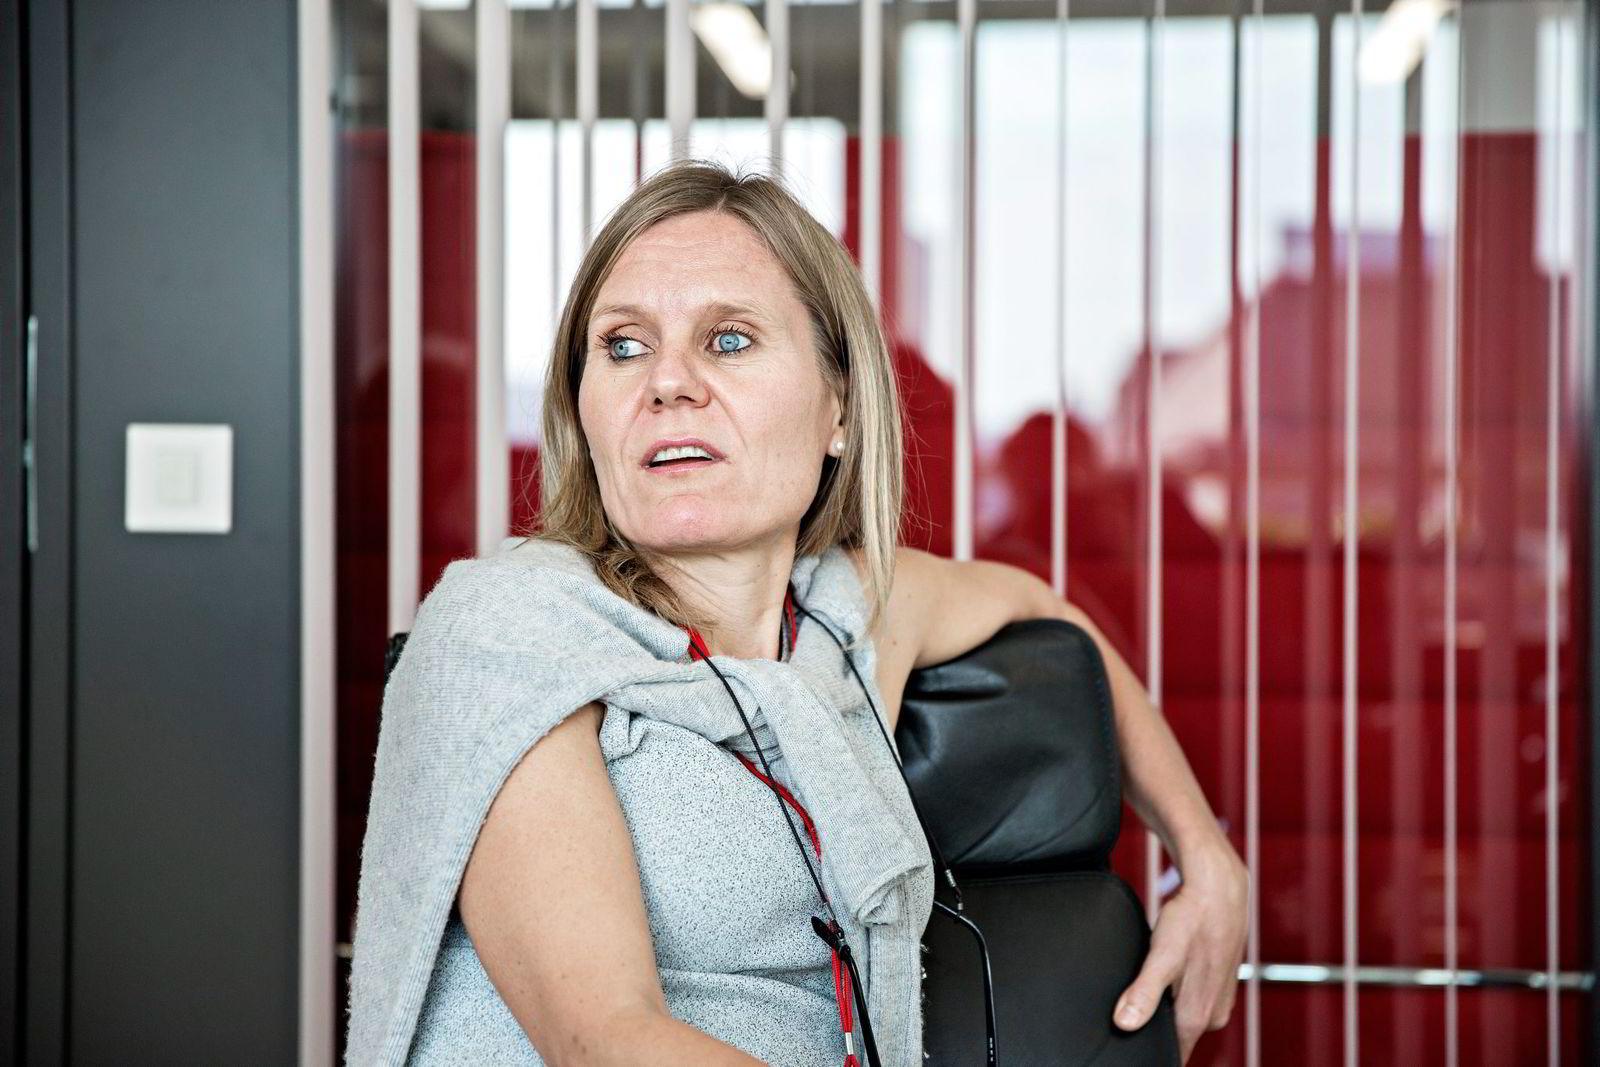 VGTV-sjef Helje Solberg har brukt Sjakk-VM som springbrettet for lanseringen av VGTV på Canal Digital. Foto: Aleksander Nordahl